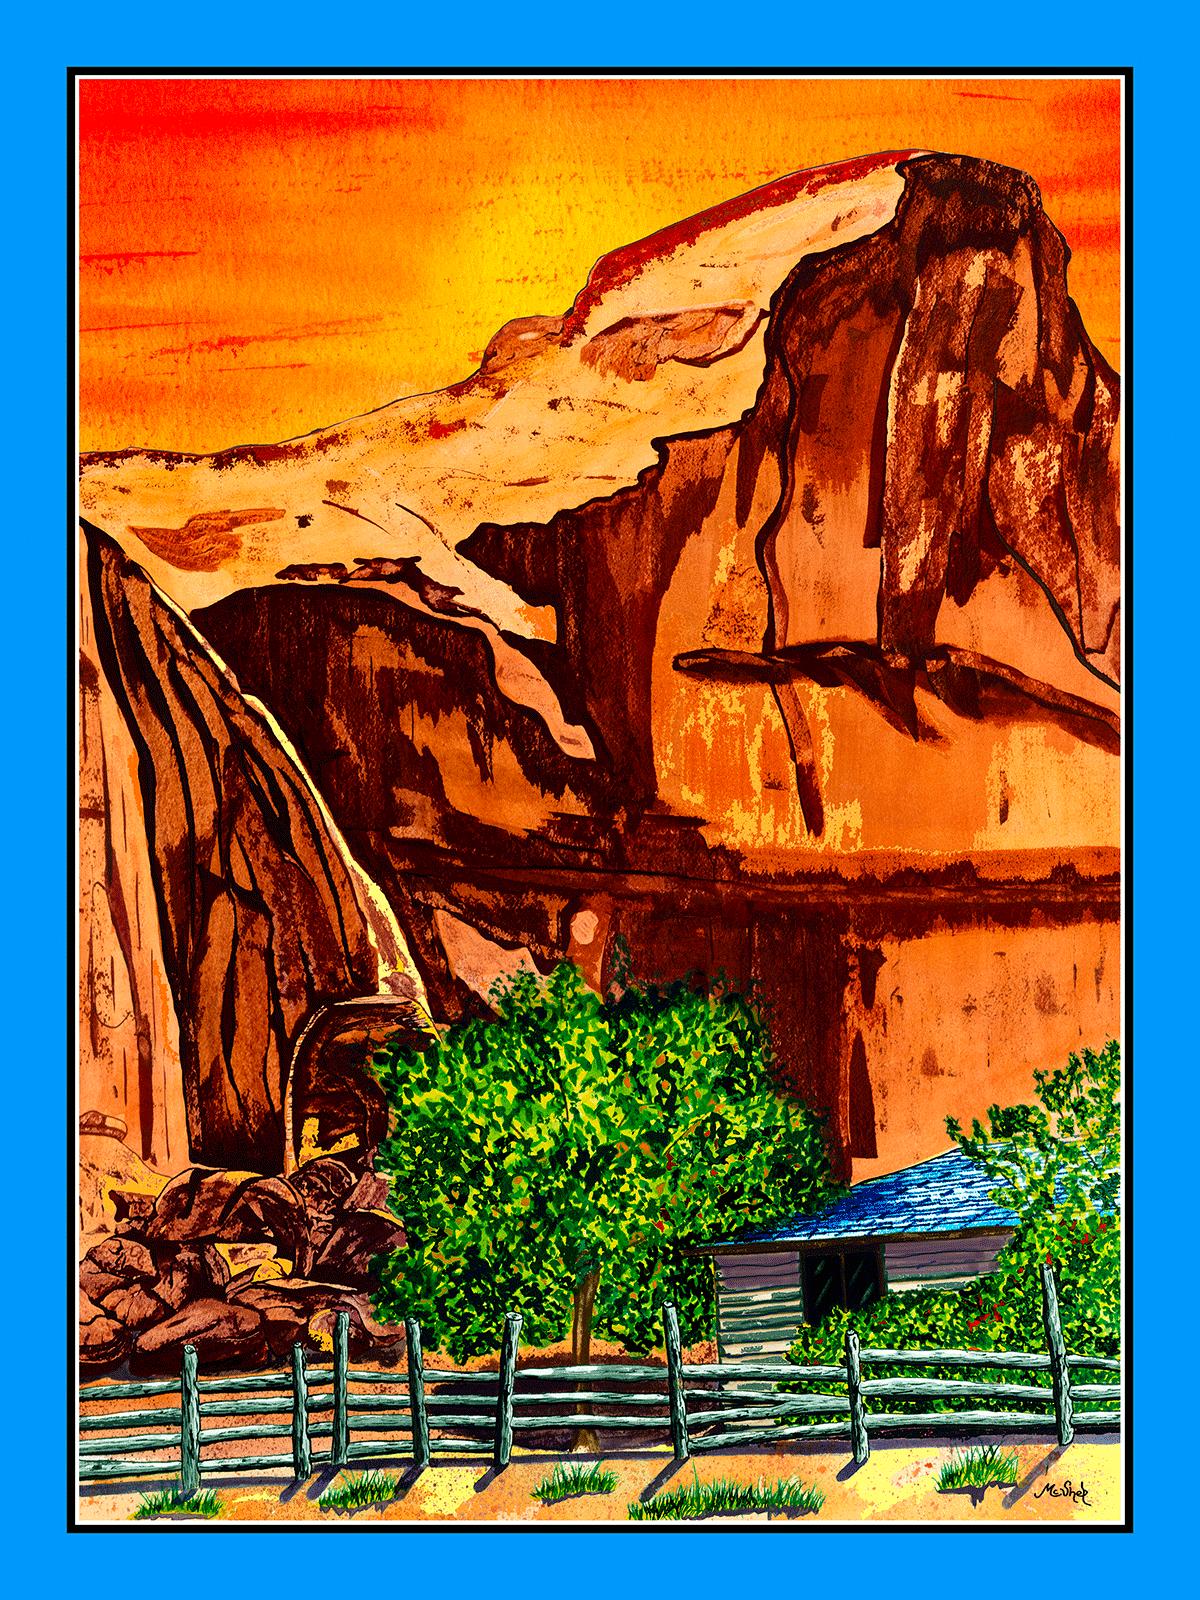 Sedona's Oak Creek Canyon